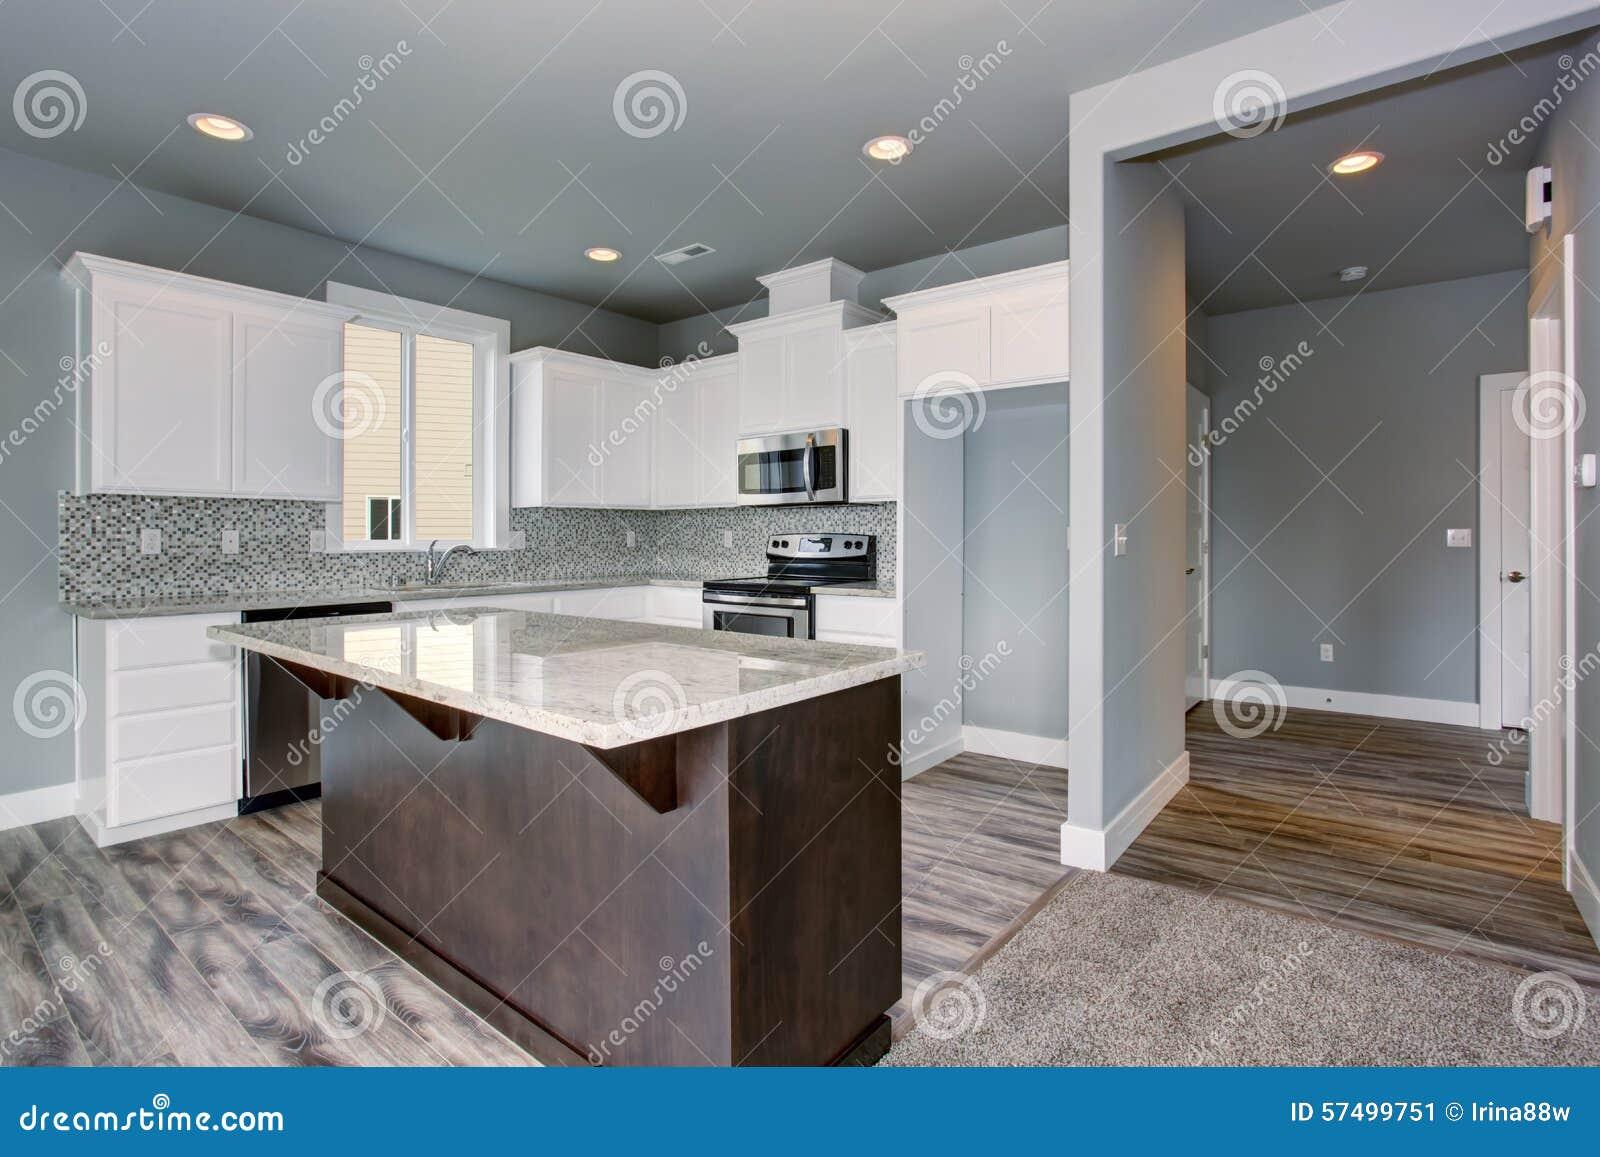 cuisine unique avec le plancher en bois dur gris photo stock image 57499751. Black Bedroom Furniture Sets. Home Design Ideas